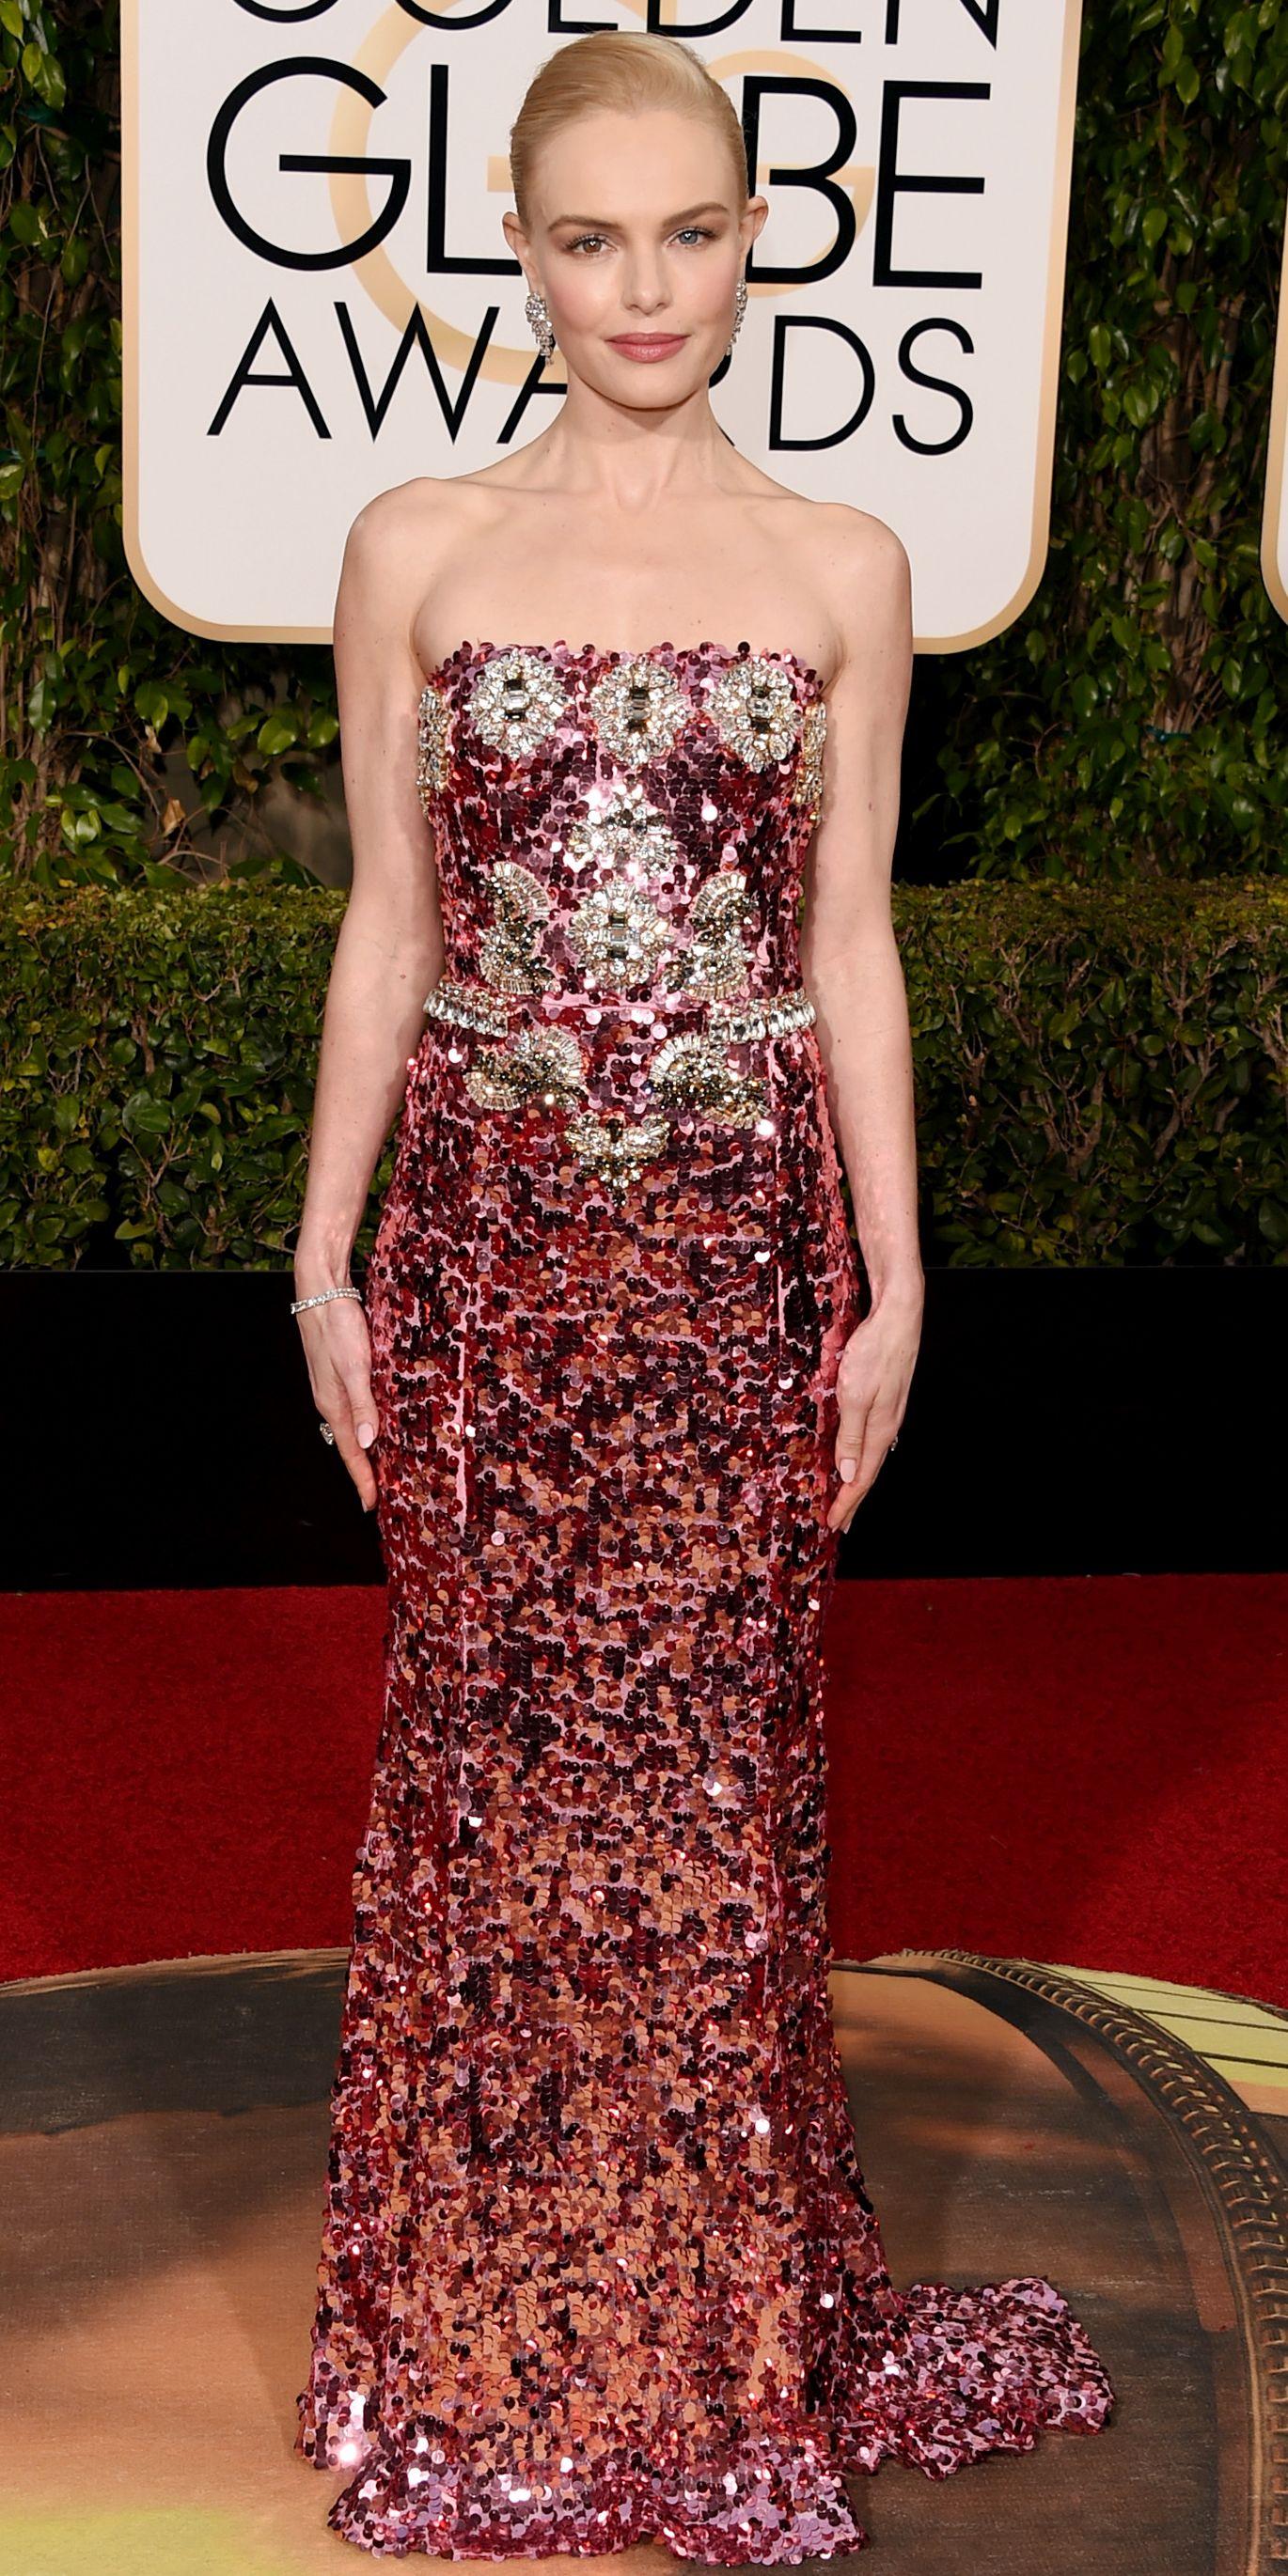 Kate Bosworth in Dolce & Gabbana at the Golden Globe Awards in 2016.